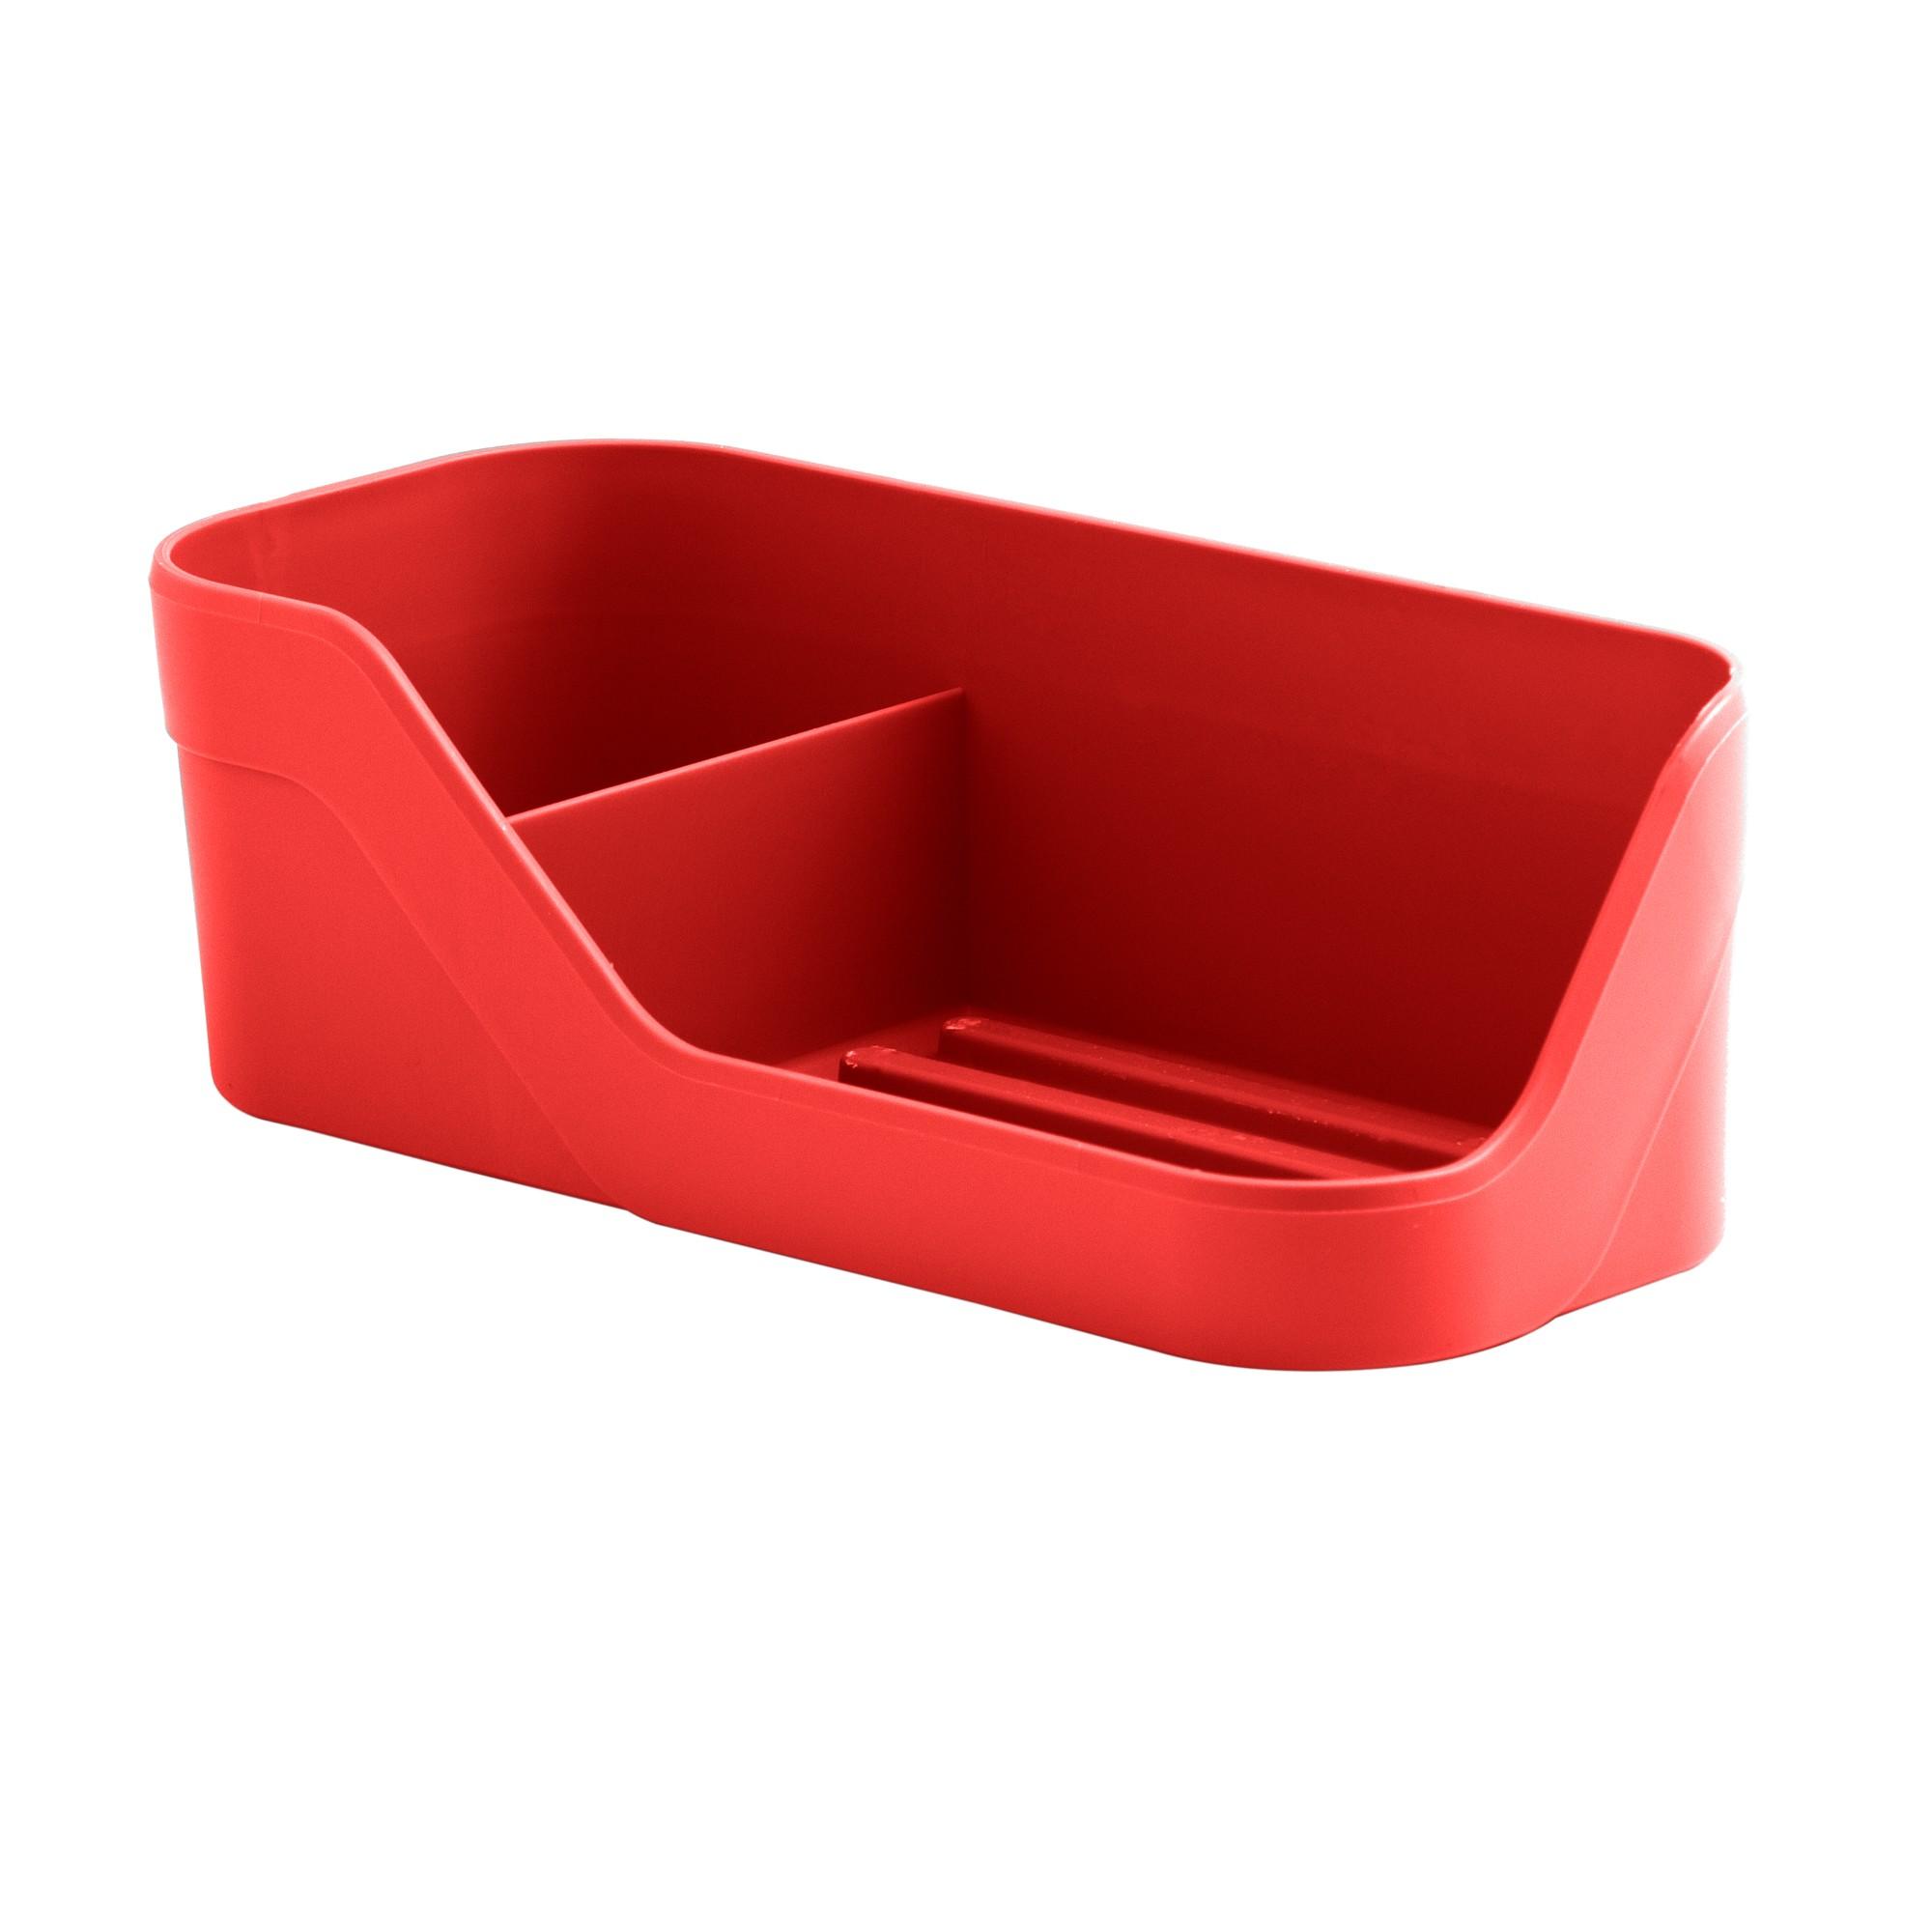 Suporte para Sabao e Esponja Plastico Vermelho OP 500 - Ou